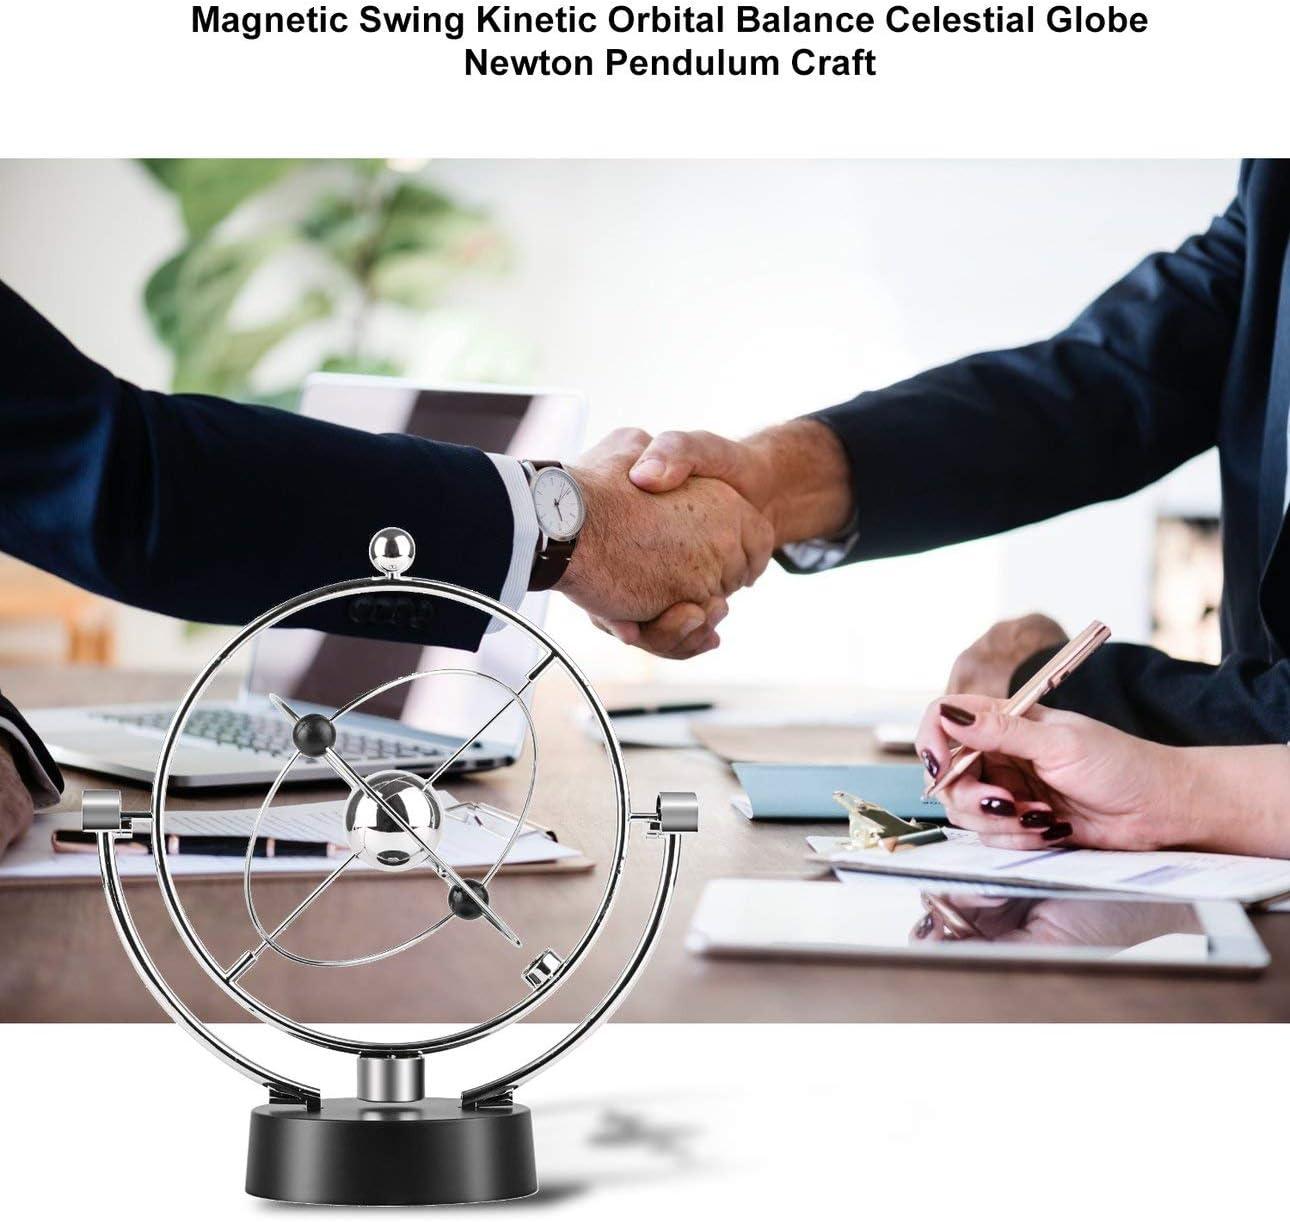 Ballylelly Altalena Magnetica Cinetica Orbitale Craft Scrivania Decorazione Equilibrio perpetuo Globo Celeste Newton Pendolo Ornamenti per la casa